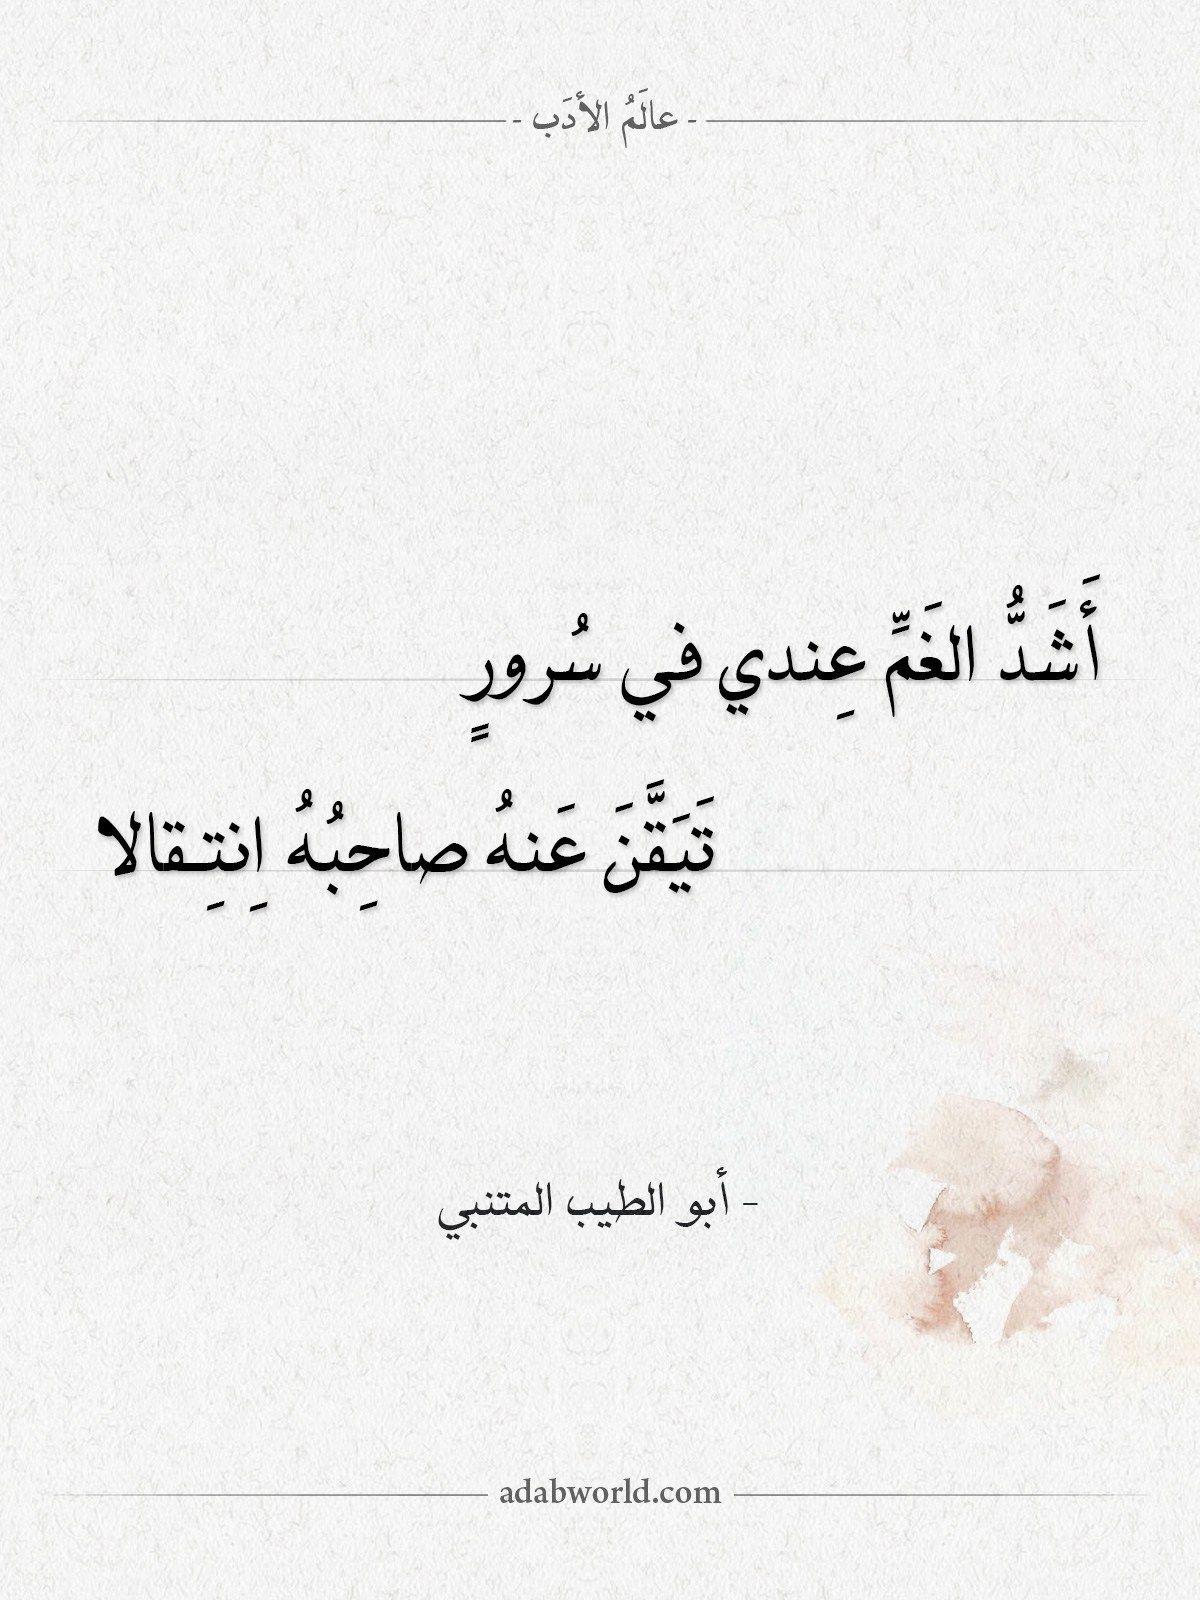 شعر أبو الطيب المتنبي أشد الغم عندي في سرور عالم الأدب In 2021 Arabic Poetry Poetry Arabic Calligraphy